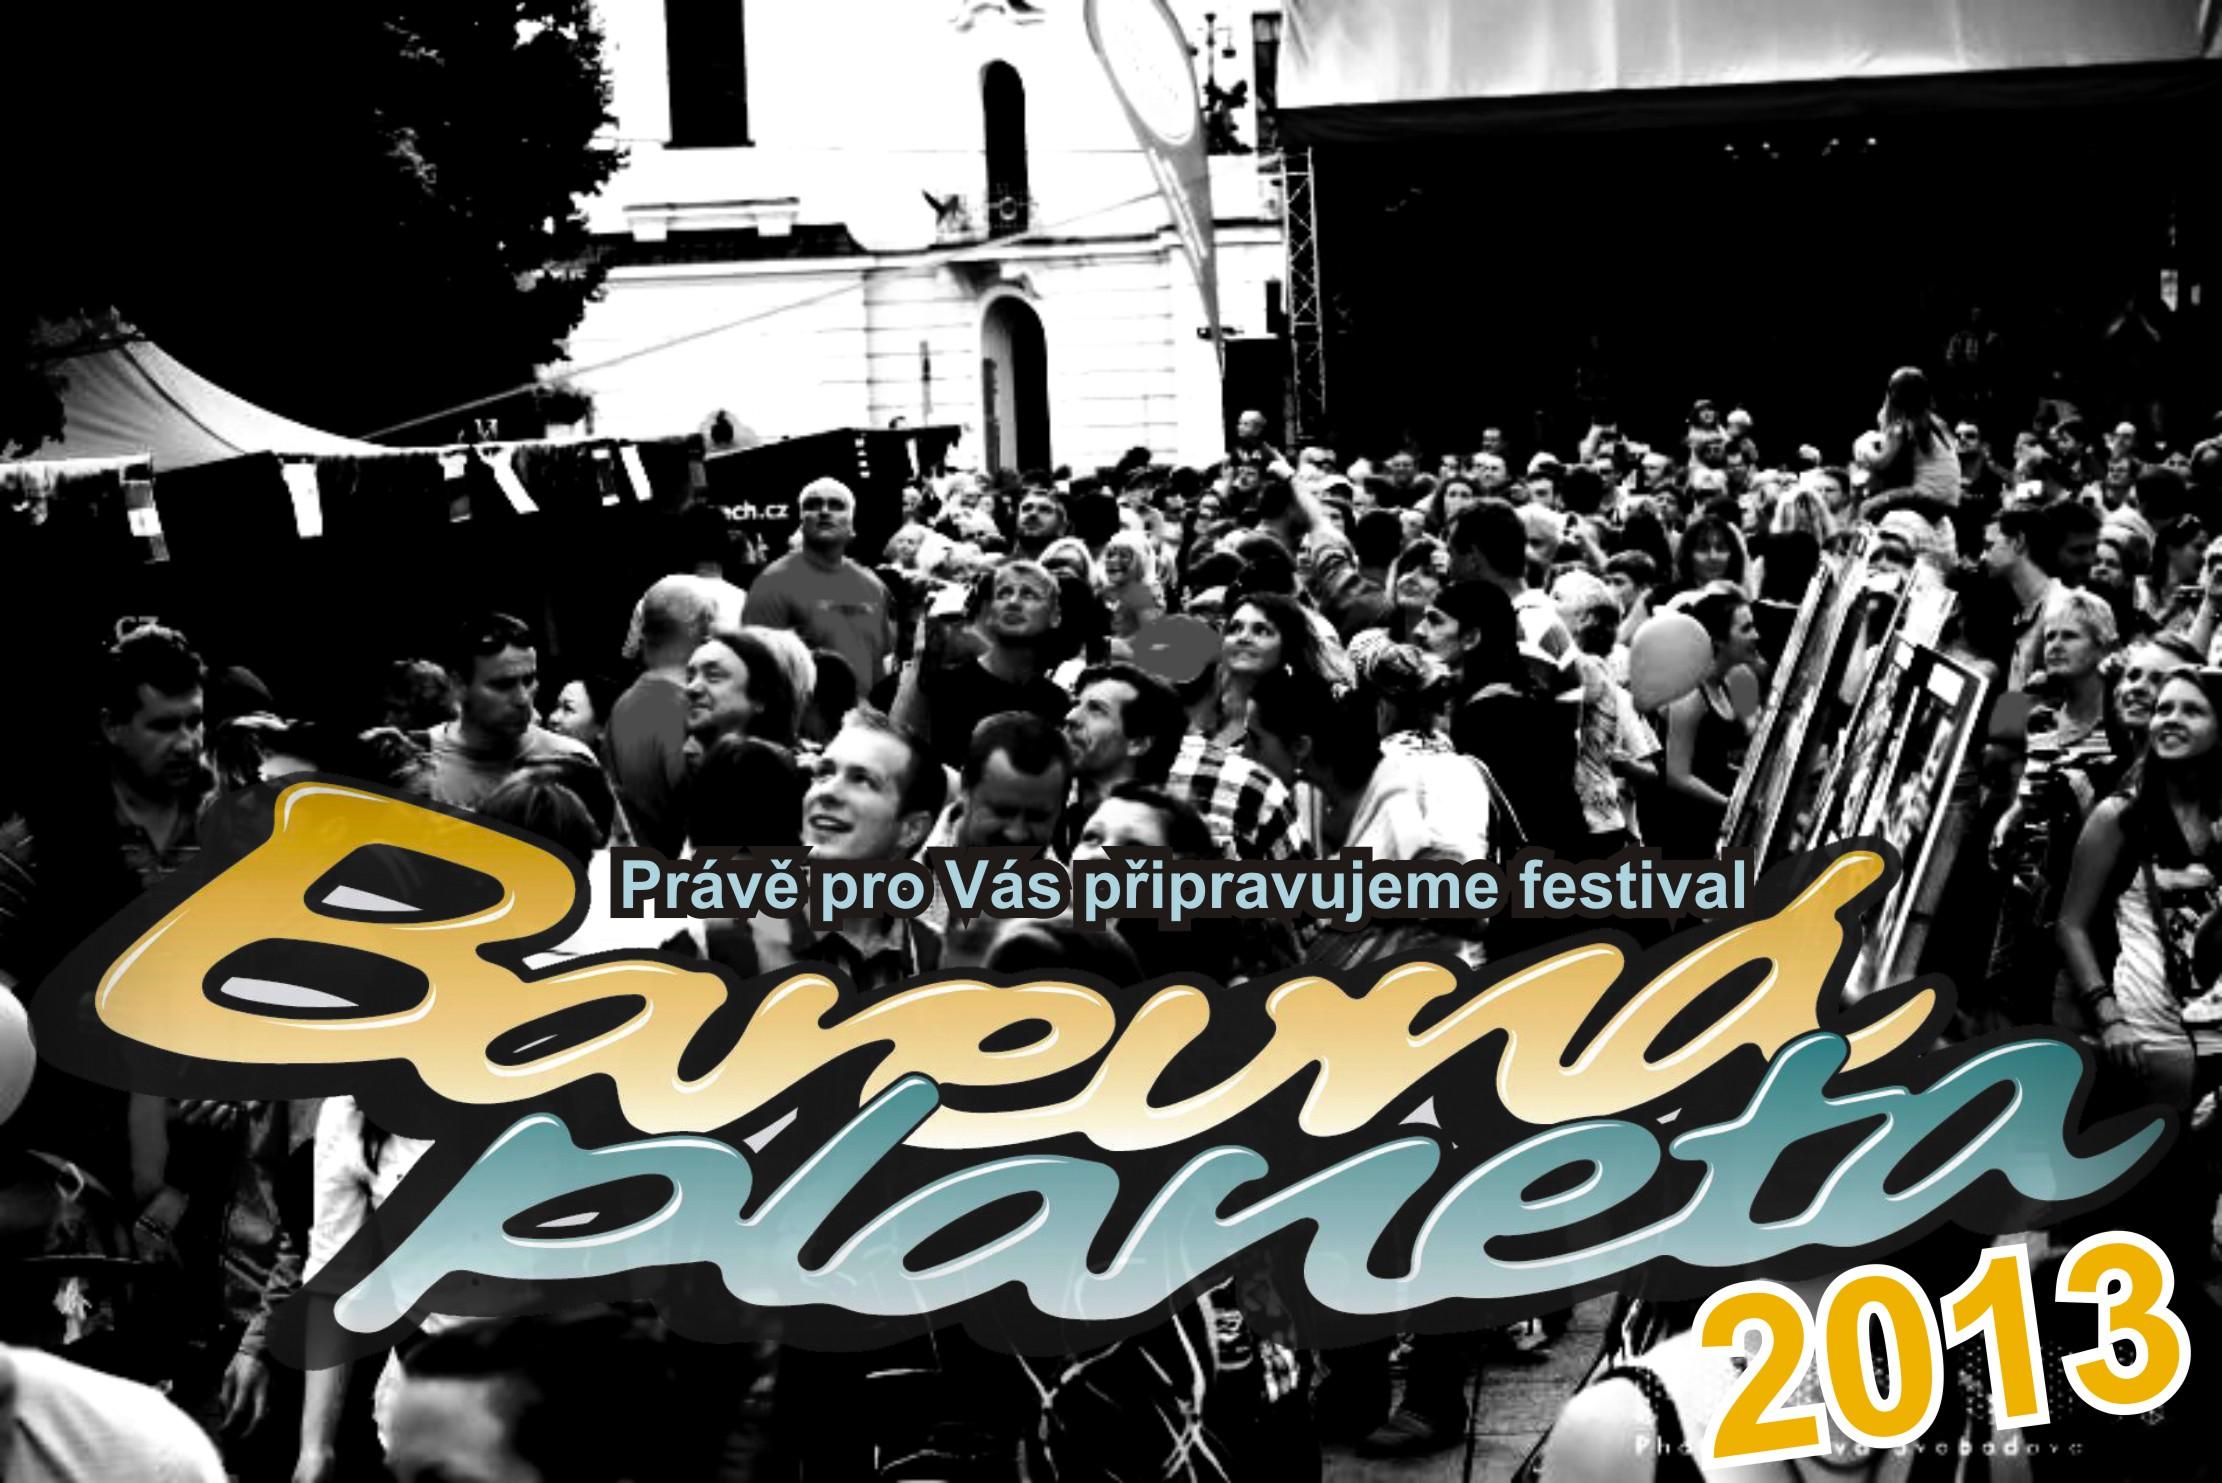 Přípravy festivalu 2013